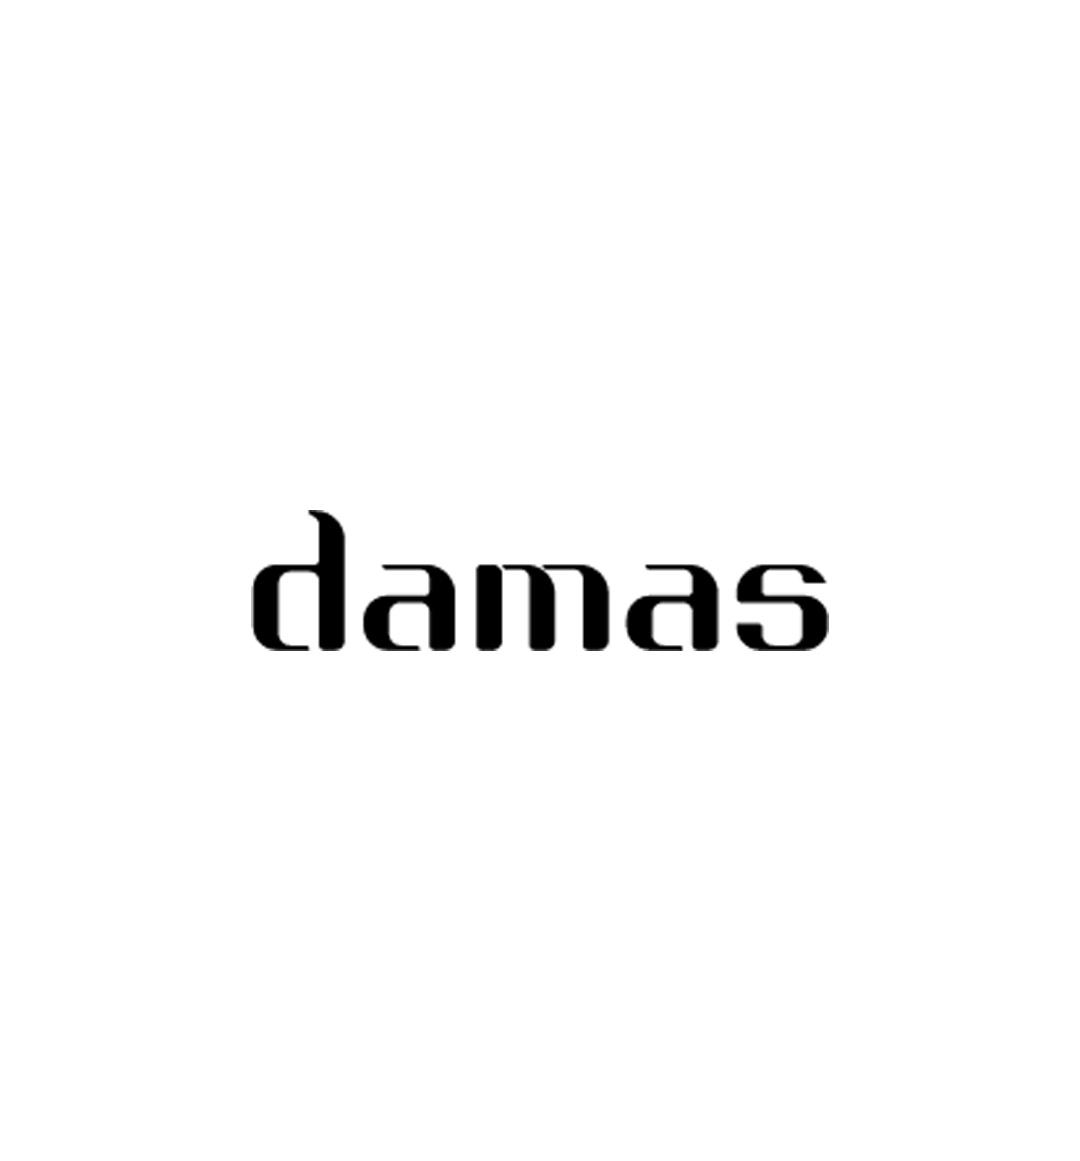 3dd0265d70ae2 داماس هي دار المجوهرات الرائدة في الشرق الأوسط. وتأسست داماس في عام 1907  وشهدت منذ ذلك الحين نمواً مستمراً من شركة محلية تعمل في دولة الإمارات،  لتغدو اليوم ...